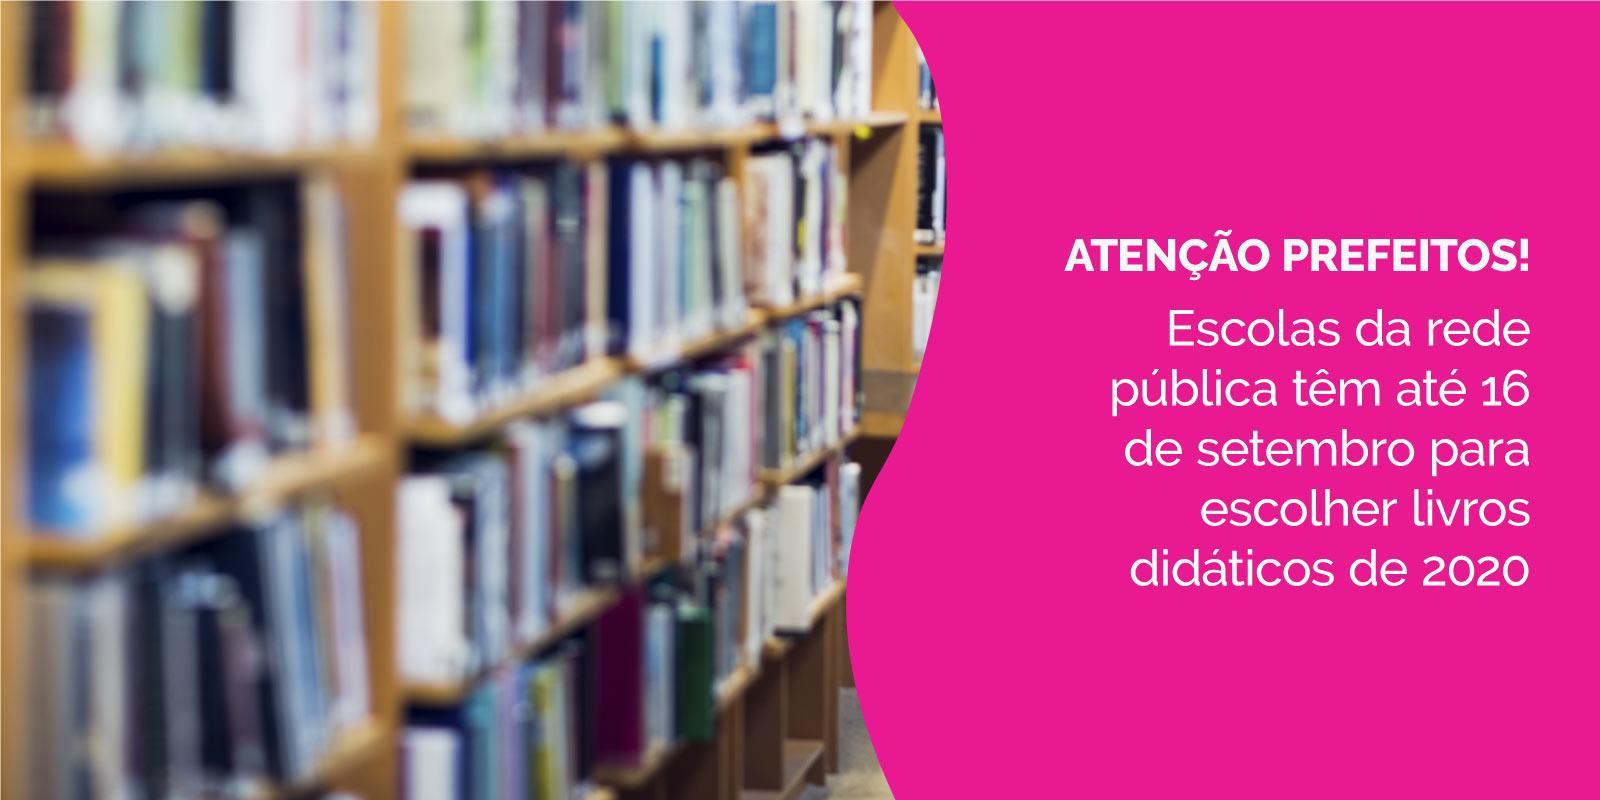 Escolas da rede pública têm até 16 de setembro para escolher livros didáticos de 2020